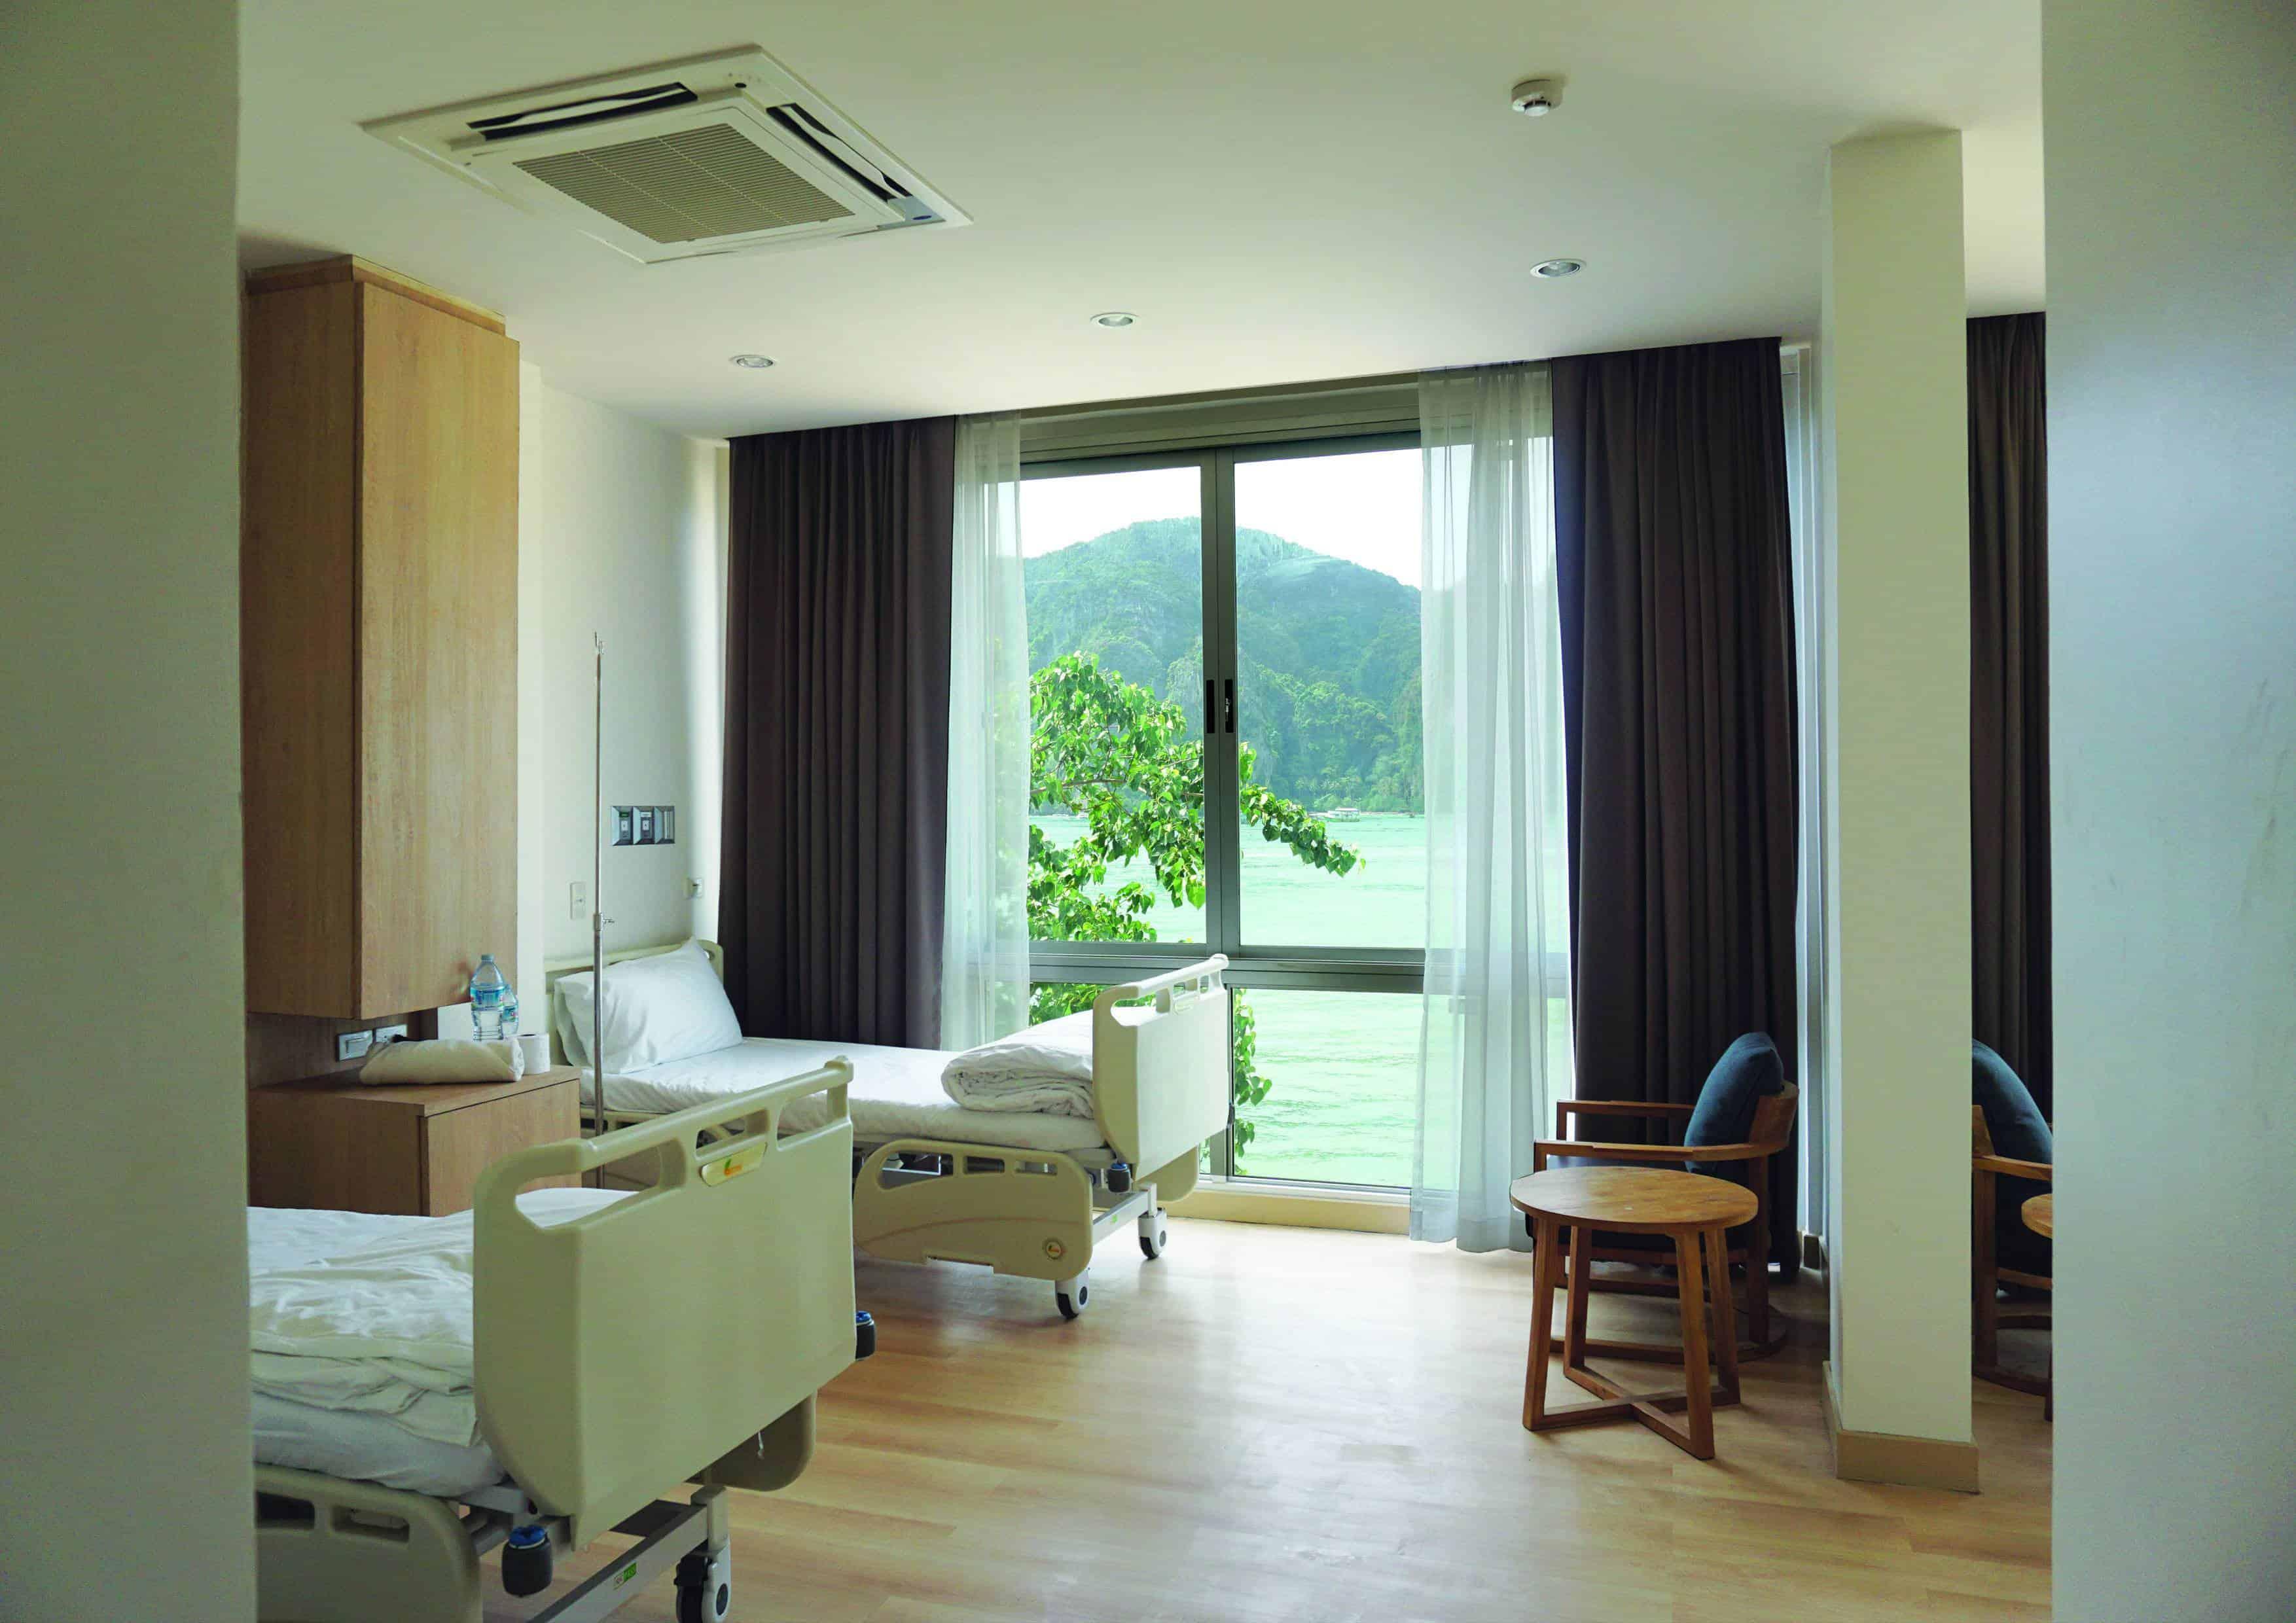 Observation room - Worldmed Hospital